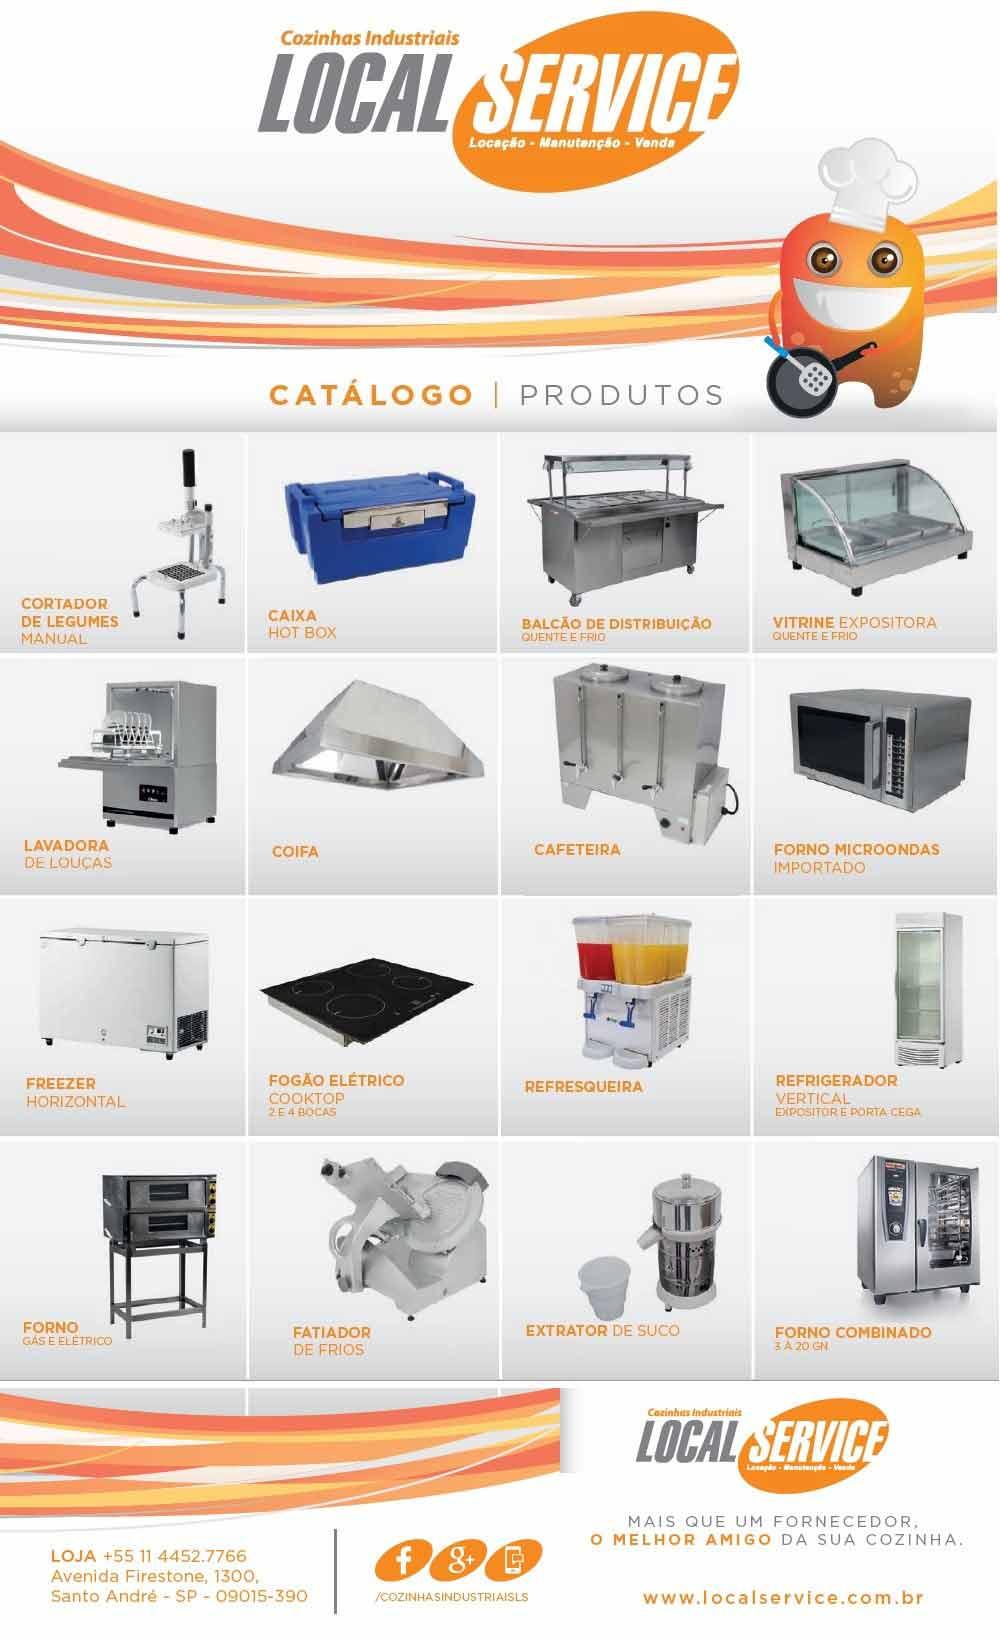 manutencao-equipamentos-cozinha-industrial-02.jpg